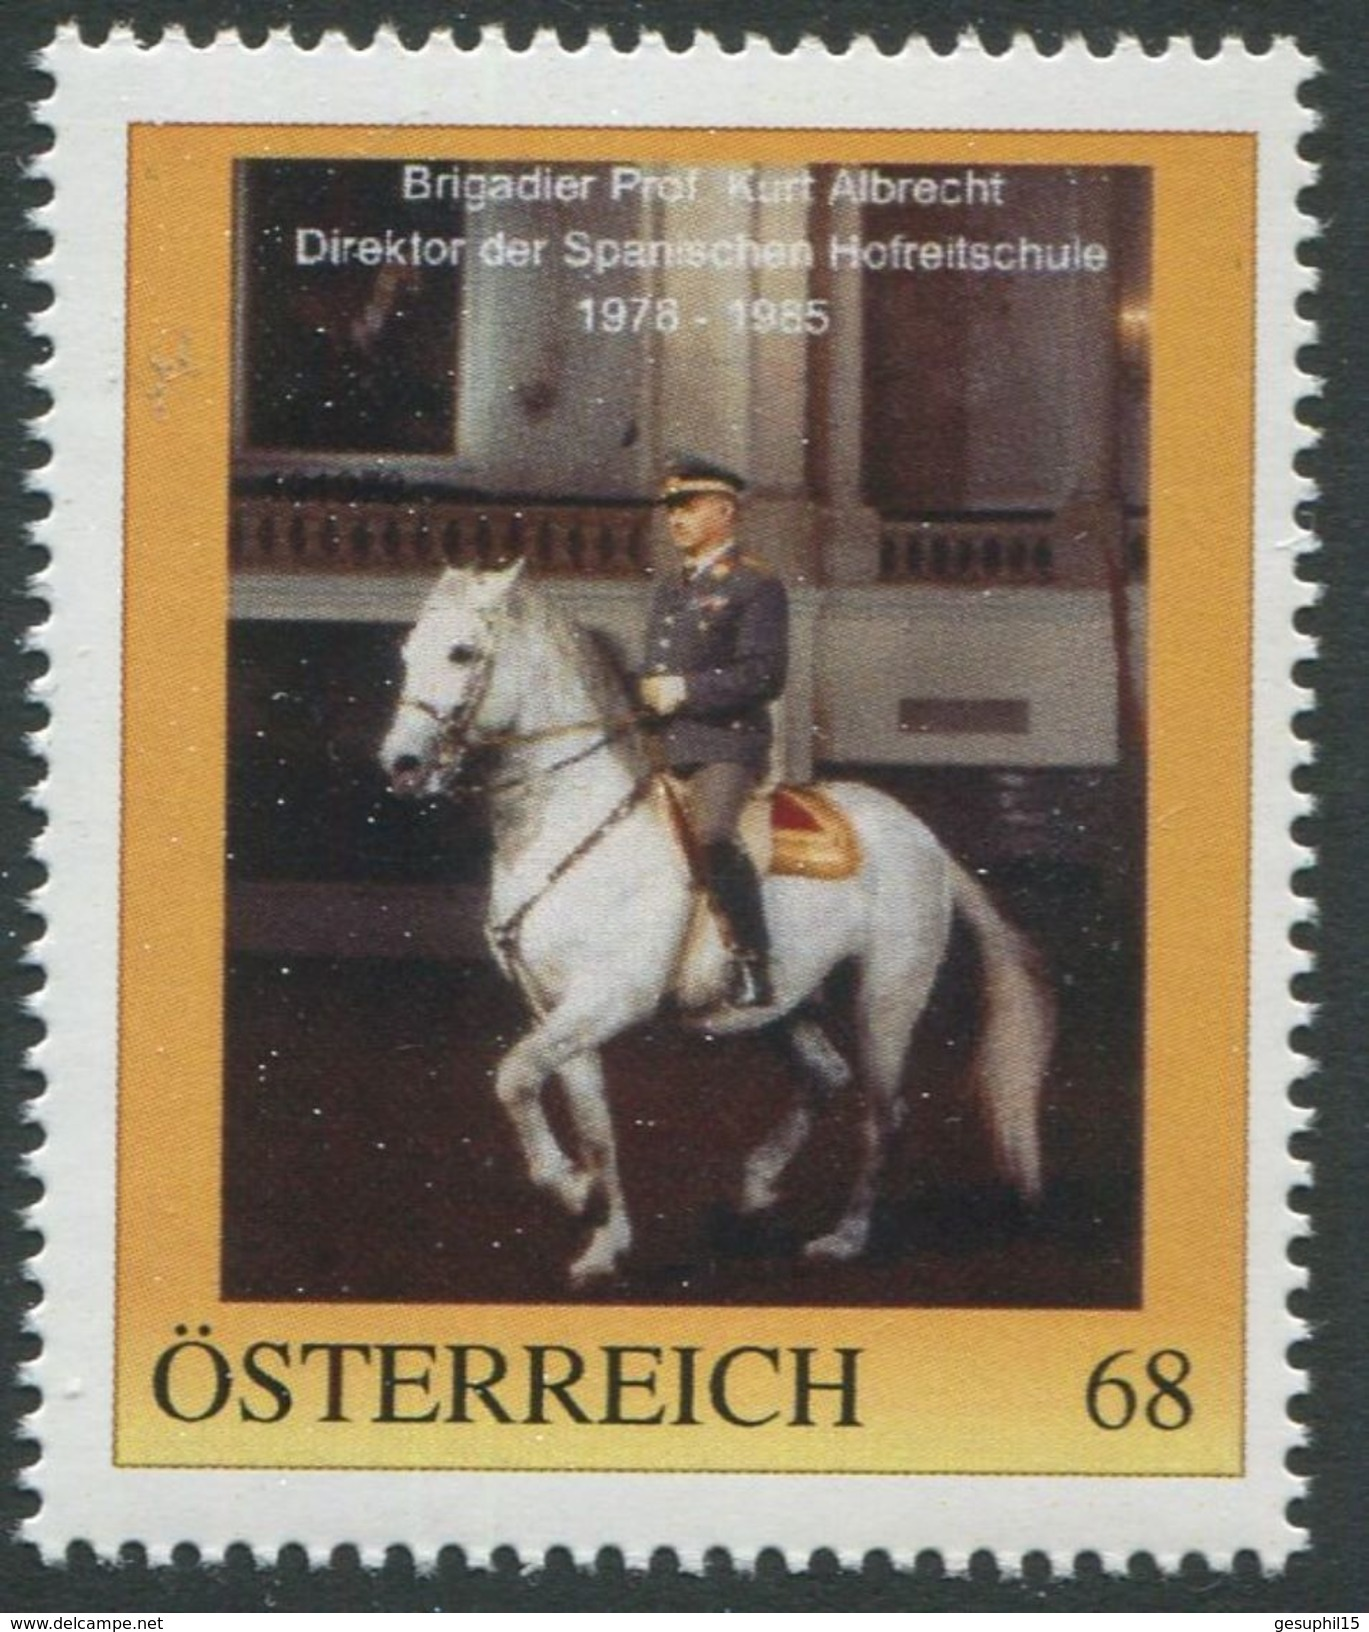 ÖSTERREICH / PM Nr. 8116026 / Brigadier Prof. Kurt Albrecht / Postfrisch / ** / MNH - Österreich